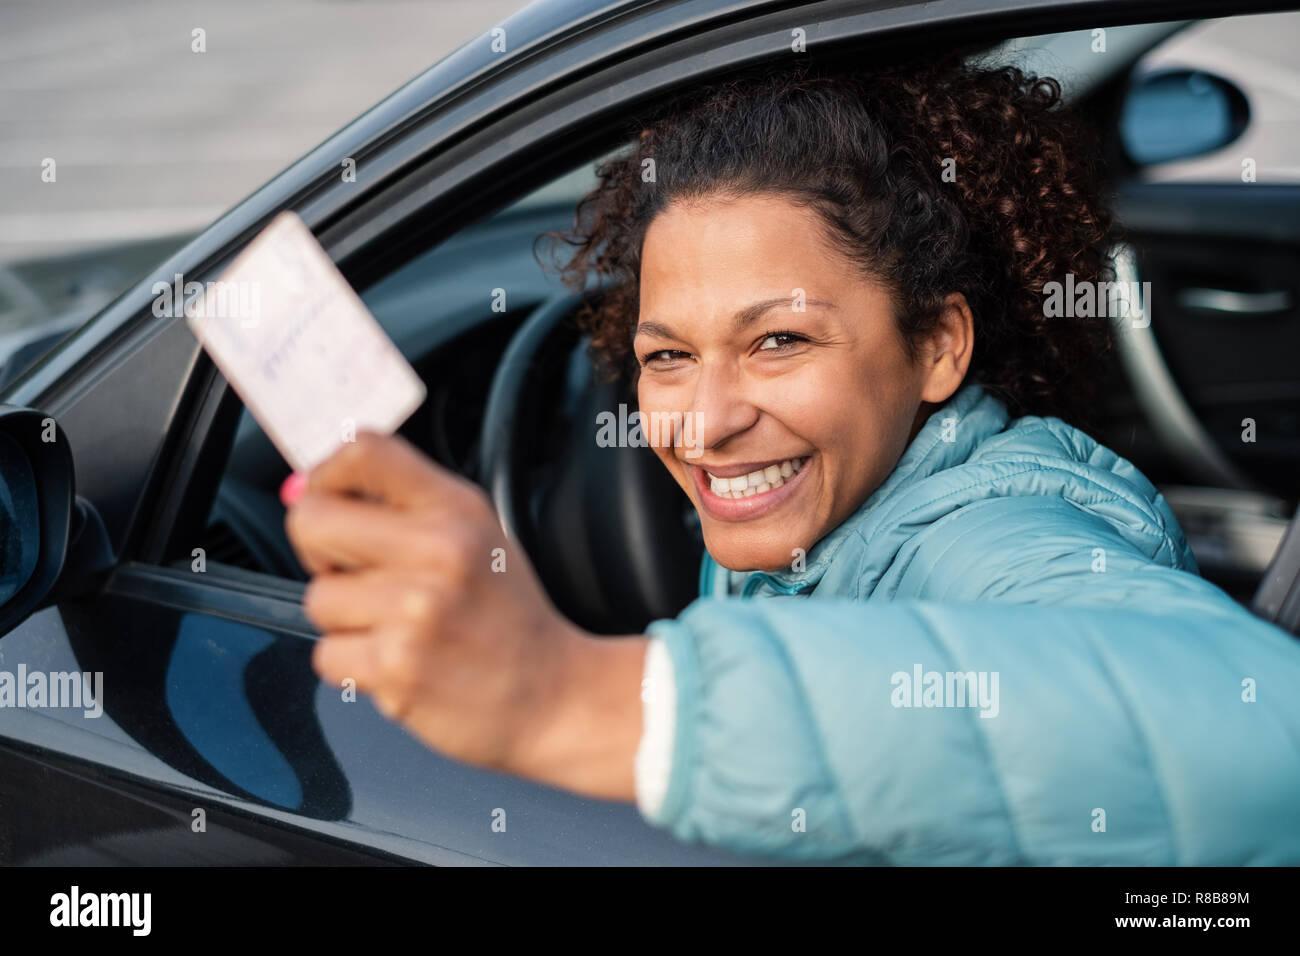 Conductor de coche negro mujer sonriente que muestran la nueva licencia de conductor Imagen De Stock